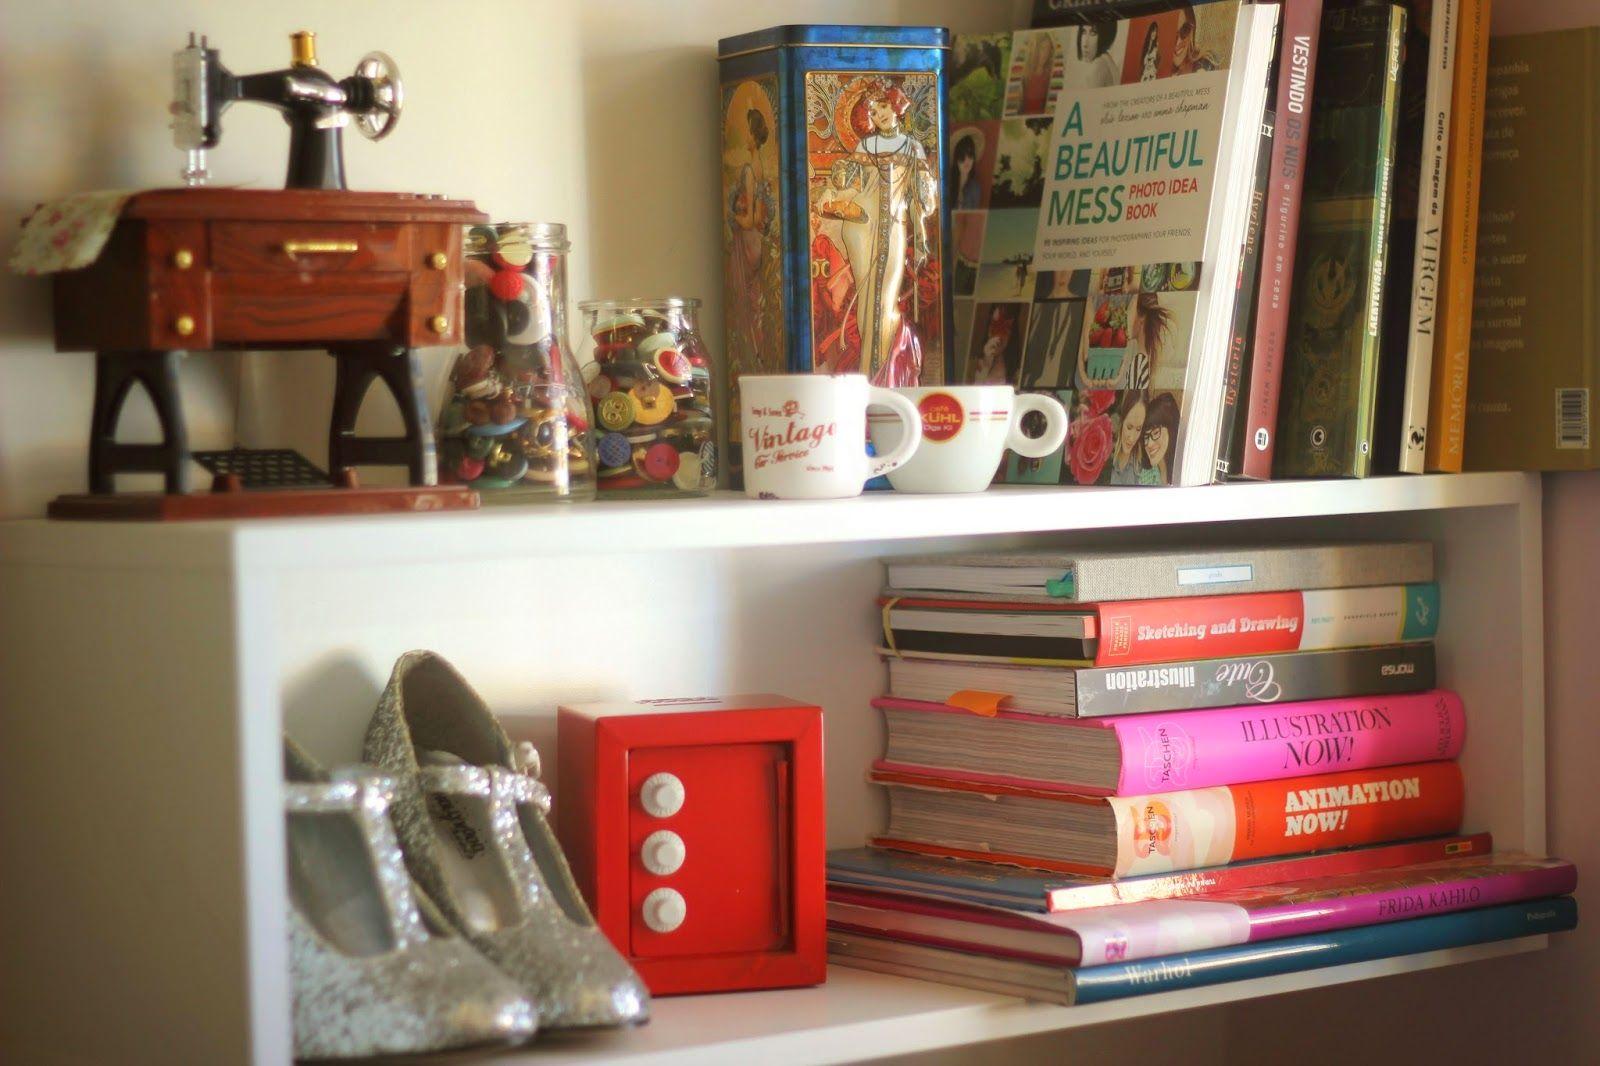 Creyssa Phyna - Glamour, ruivice e sacolagem: Que historia sua casa conta sobre você ?